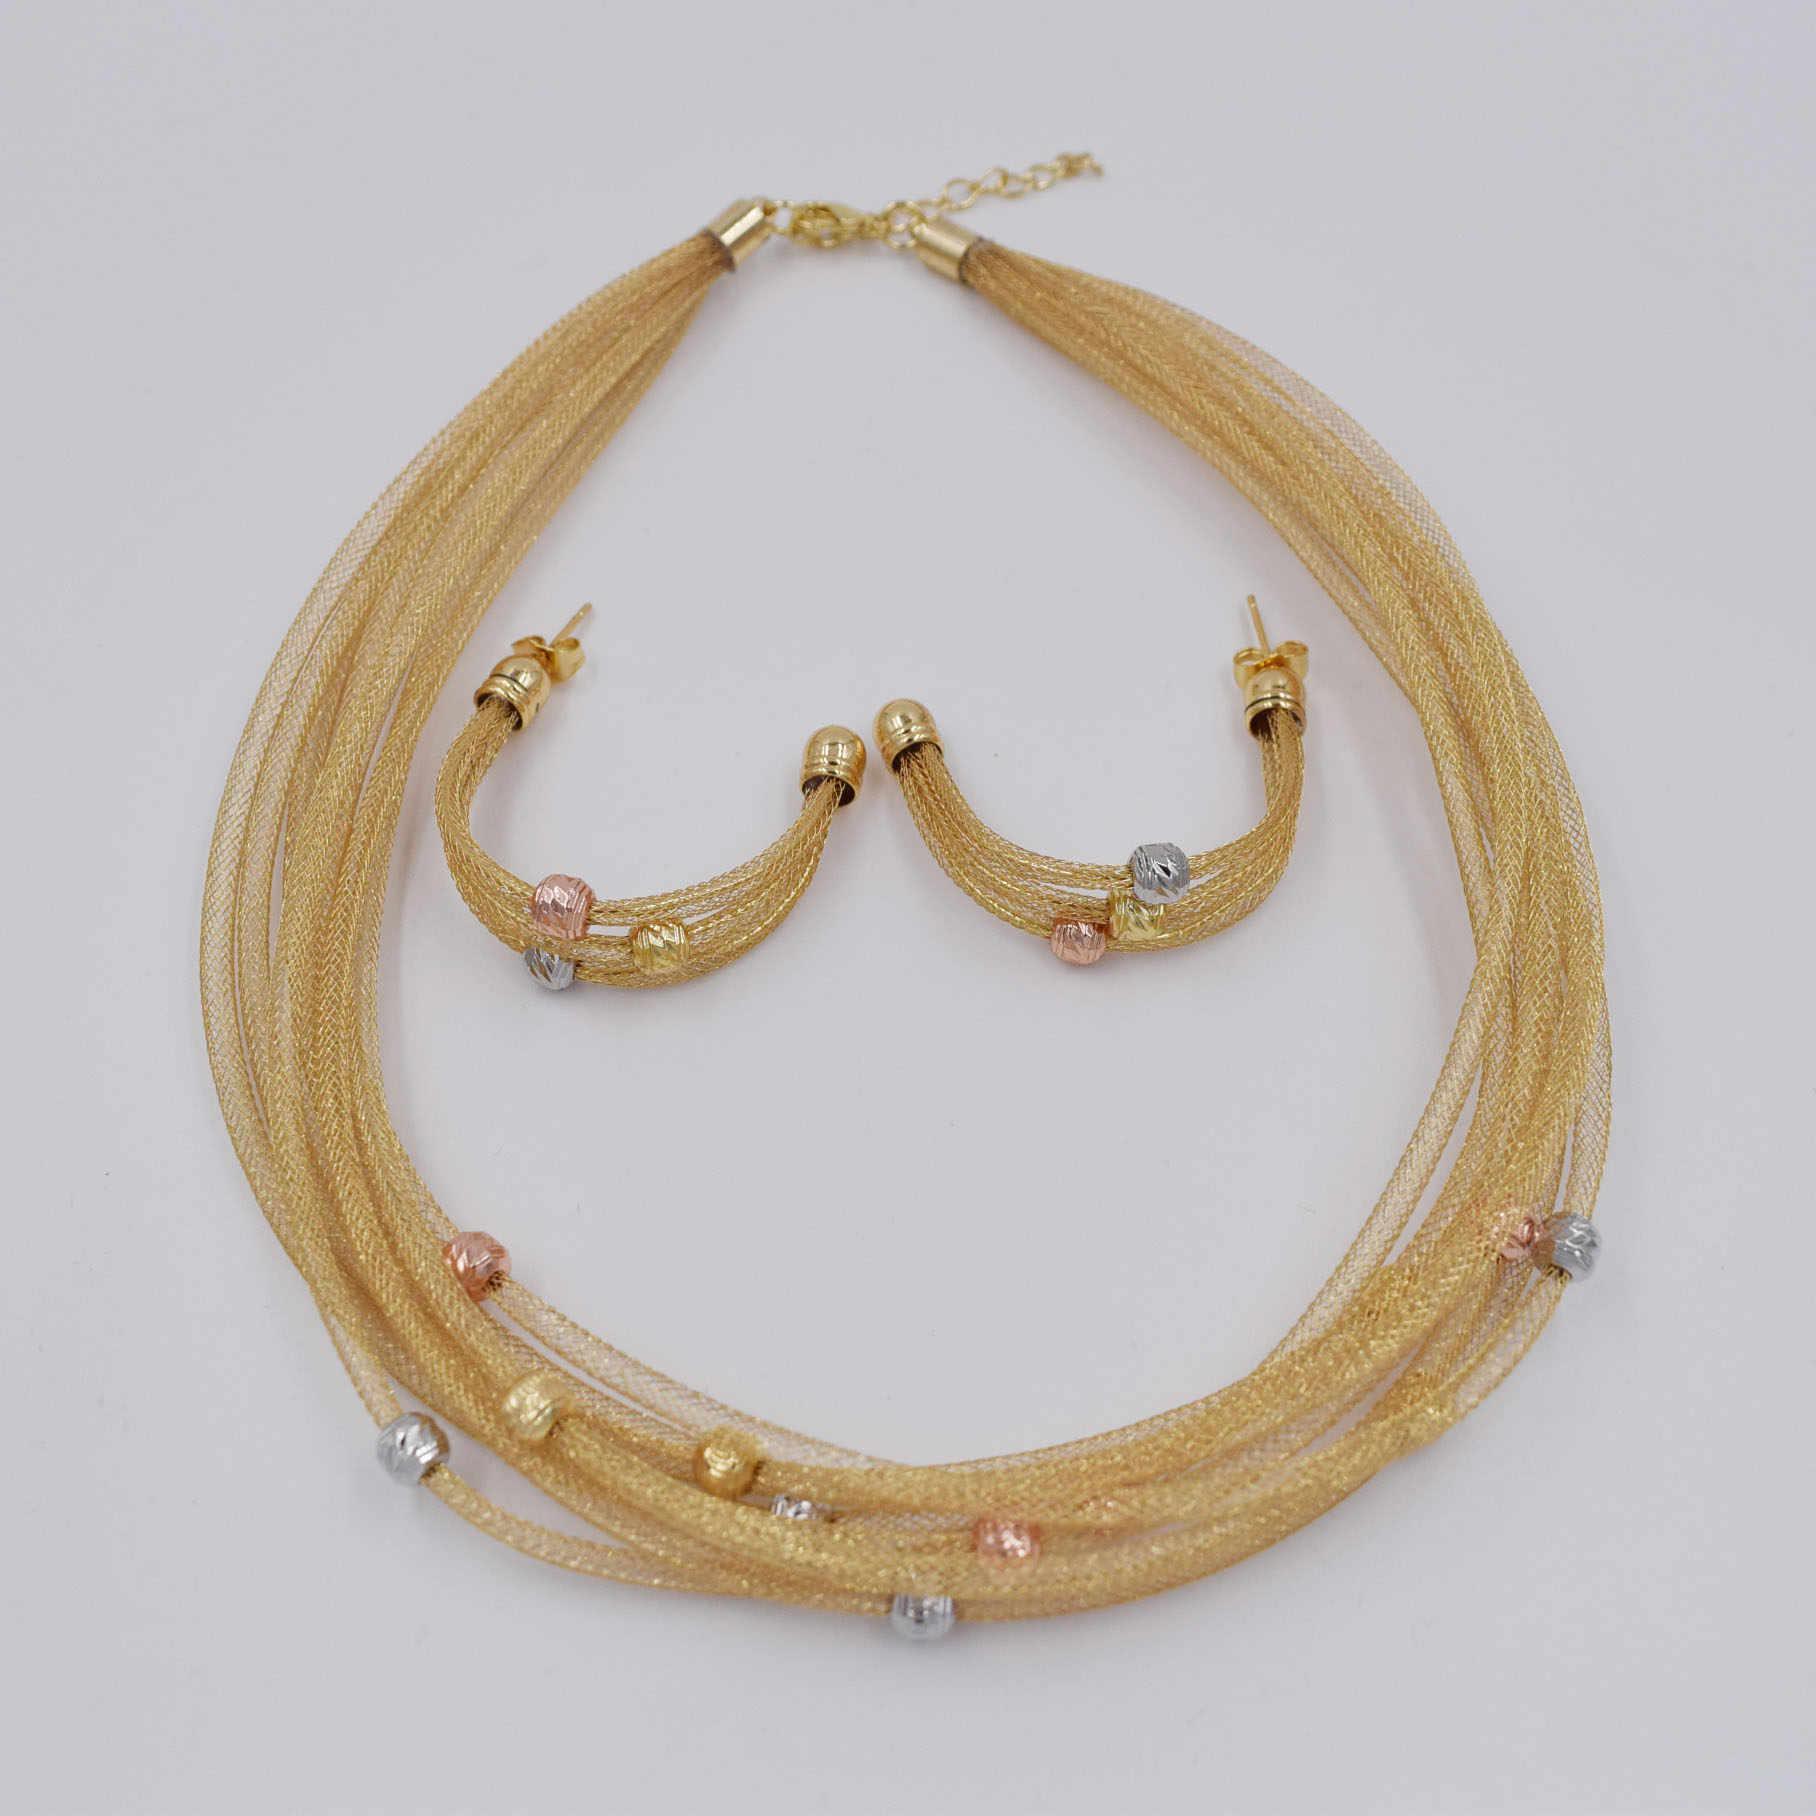 Hohe Qualität Ltaly 750 Gold farbe Schmuck Set Für Frauen afrikanische perlen jewlery mode halskette set ohrring schmuck